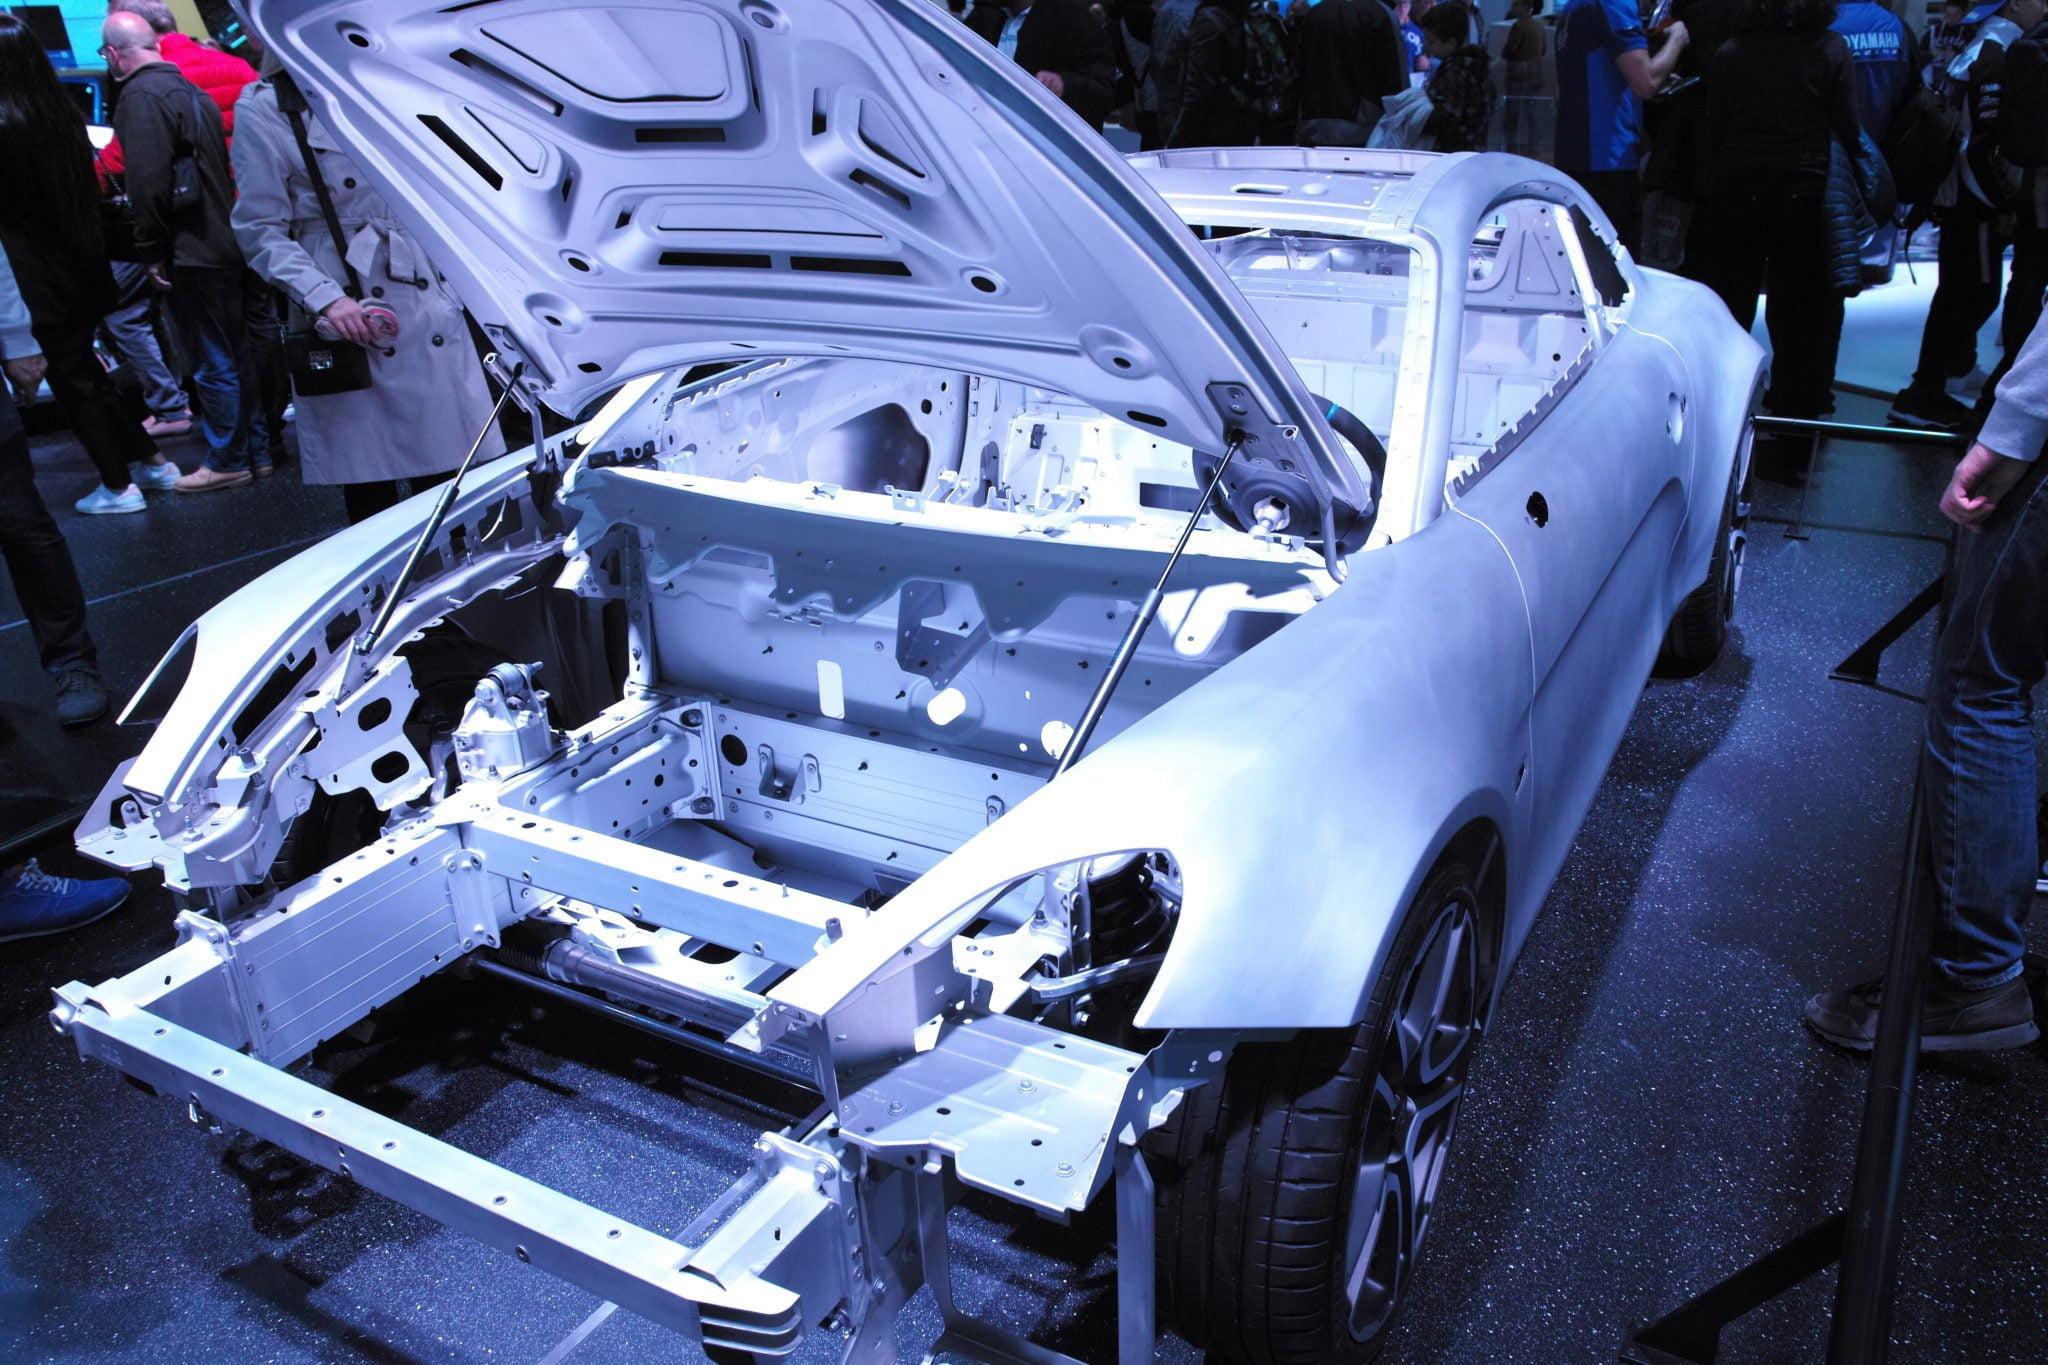 La structure en aluminium de l'Alpine A110, exposée au Mondial Paris Motor Show 2018.